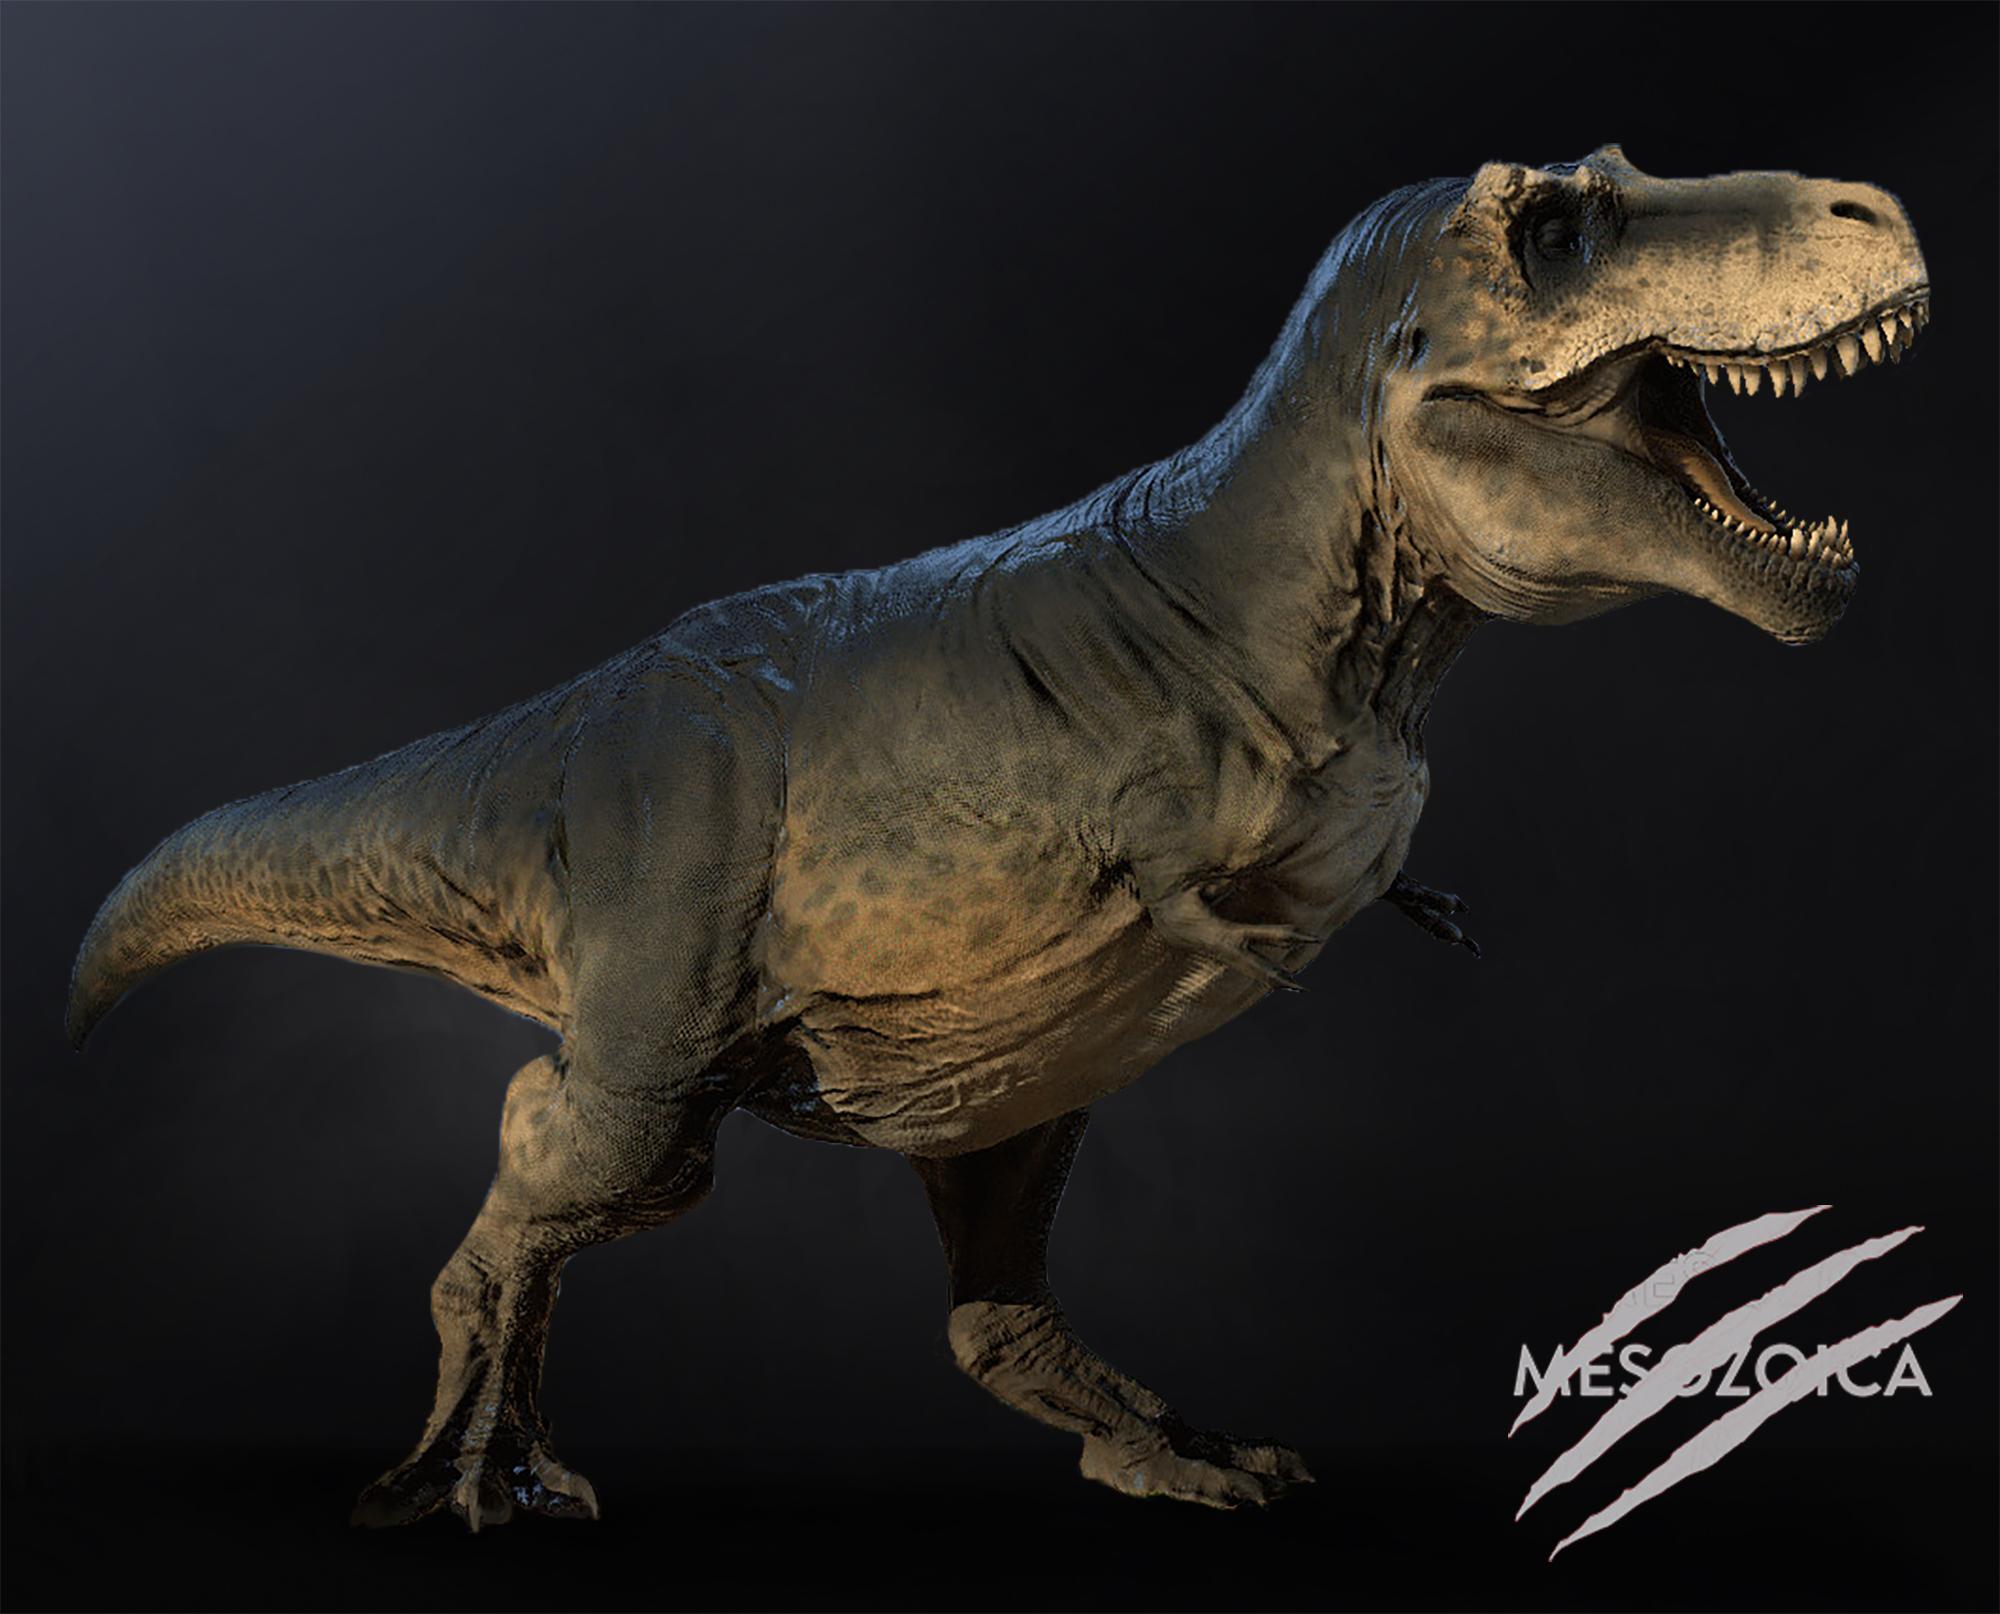 все картинки тираннозавра имеет яркую кислинку